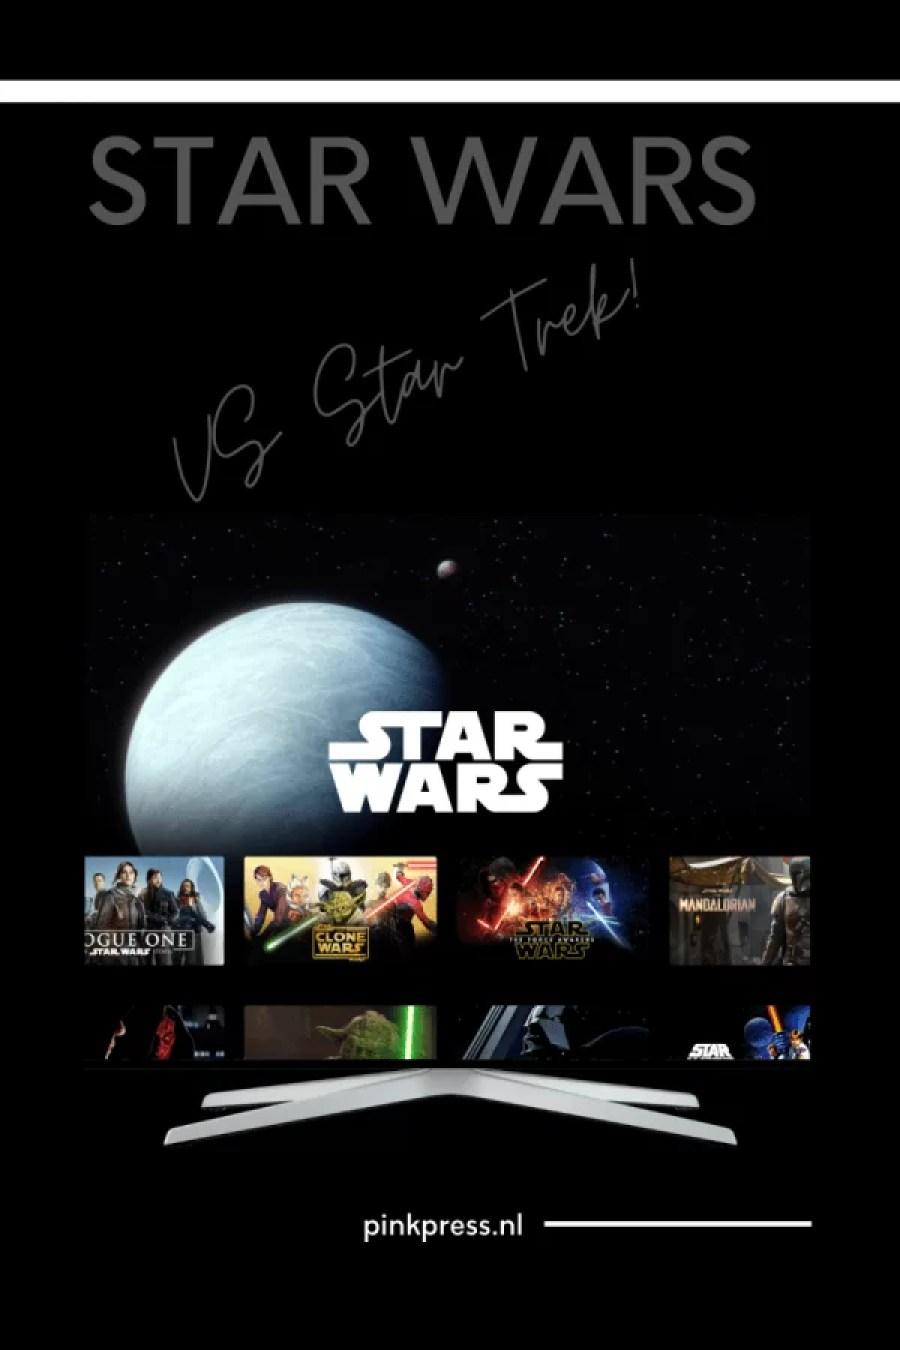 419189AD 9EA1 4567 97F2 0129DC6C4254 - De Trekkie en de Star Wars(?)-Hoe noem je die?